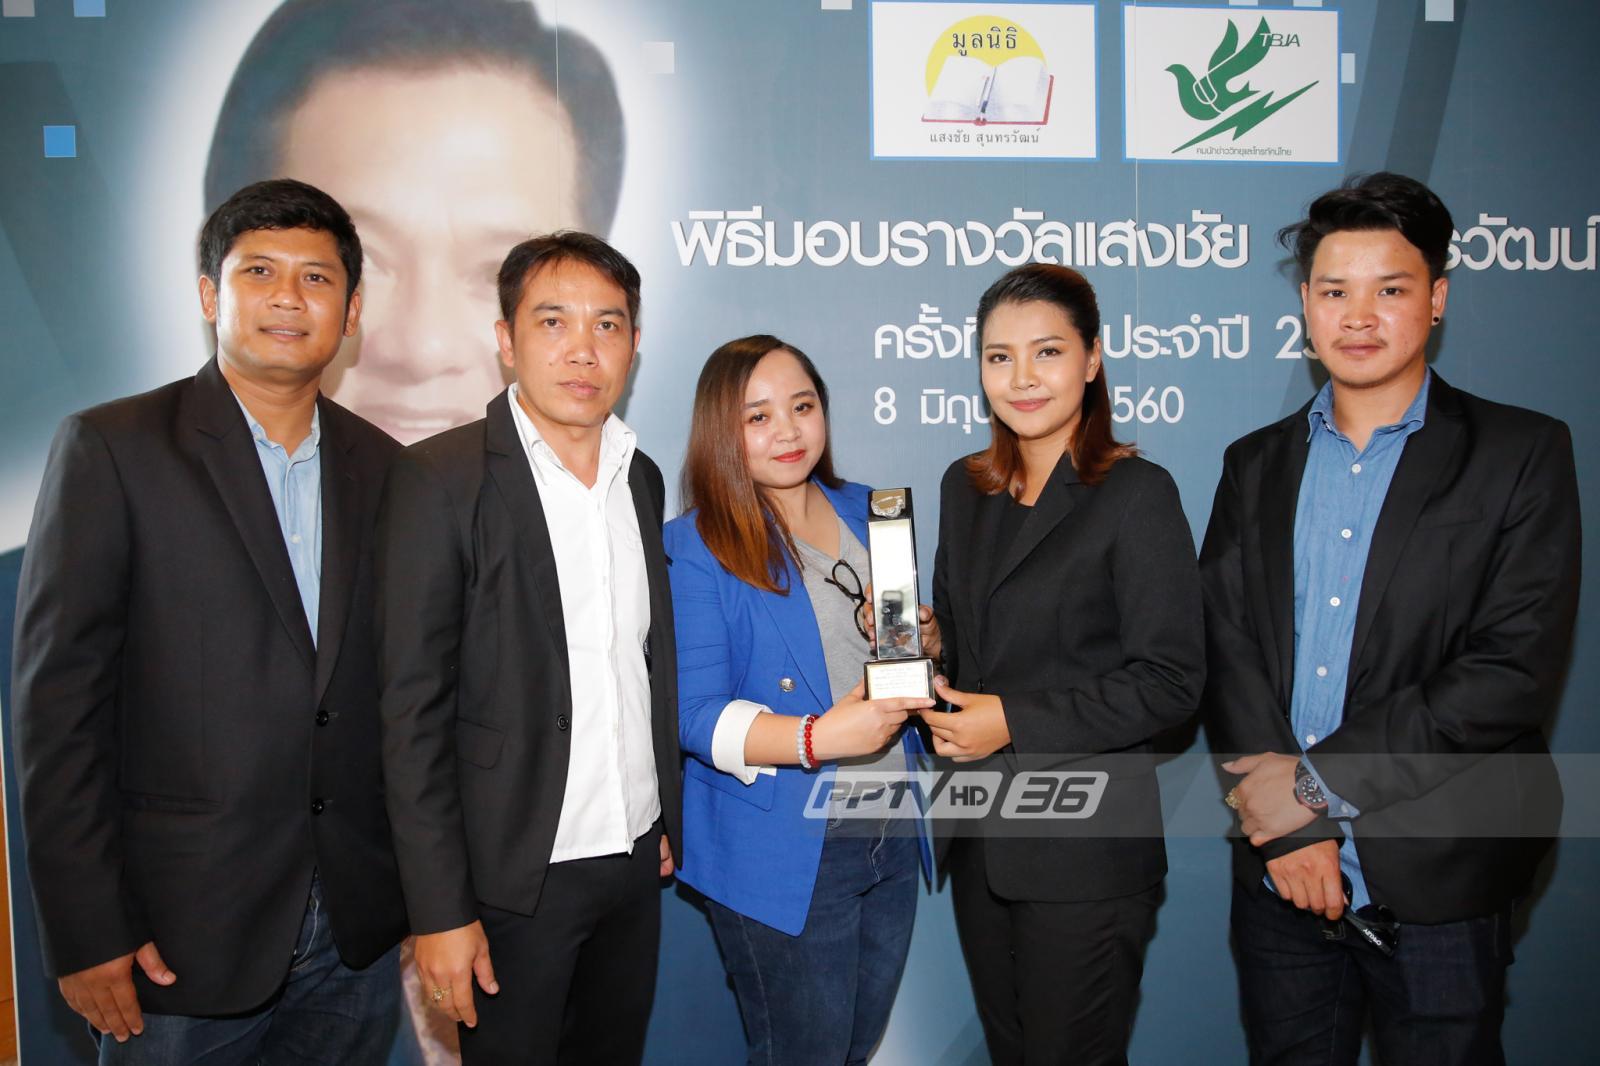 พีพีทีวี คว้า 3 รางวัลแสงชัย สุนทรวัฒน์ ประจำปี 2559